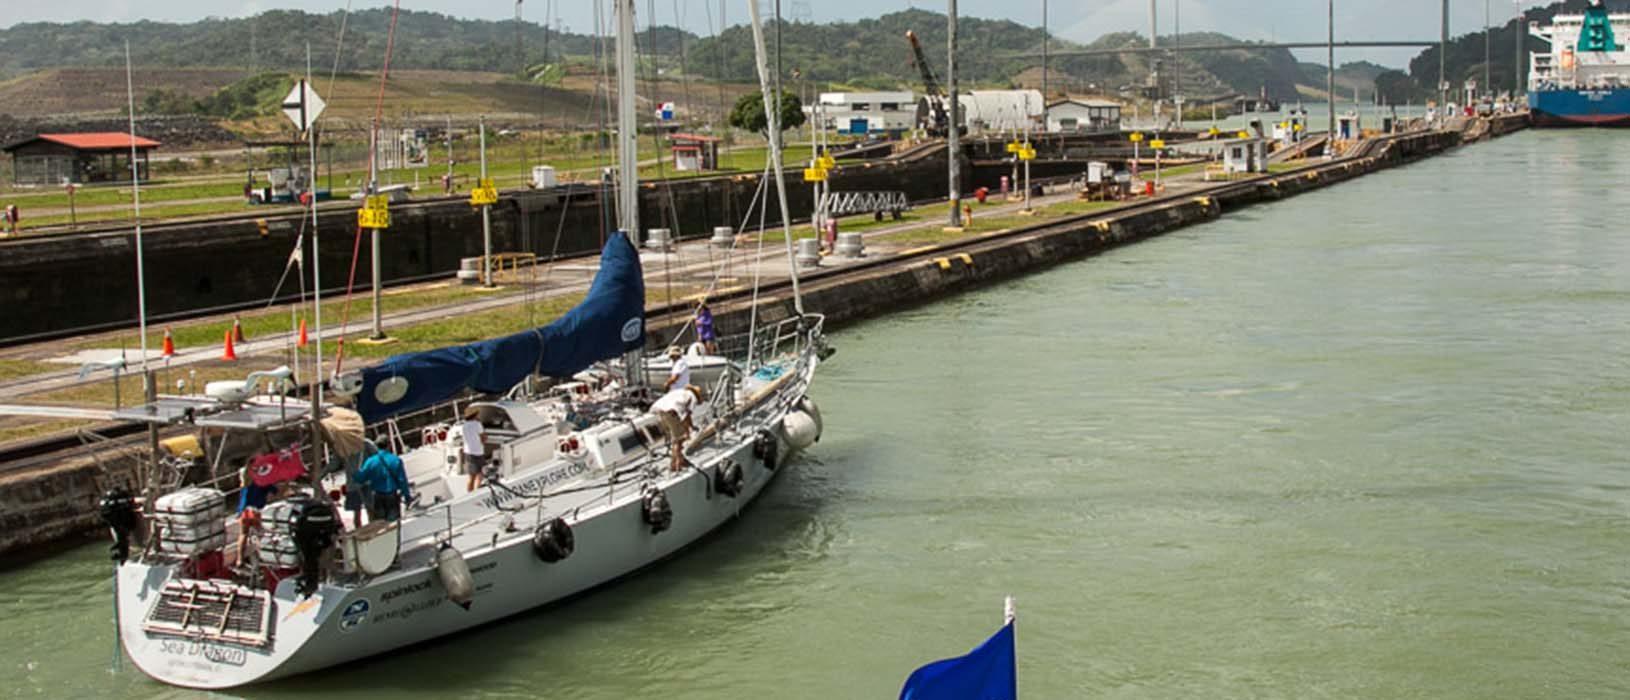 PANAMANIACS | PANAMA CANAL TRANSIT